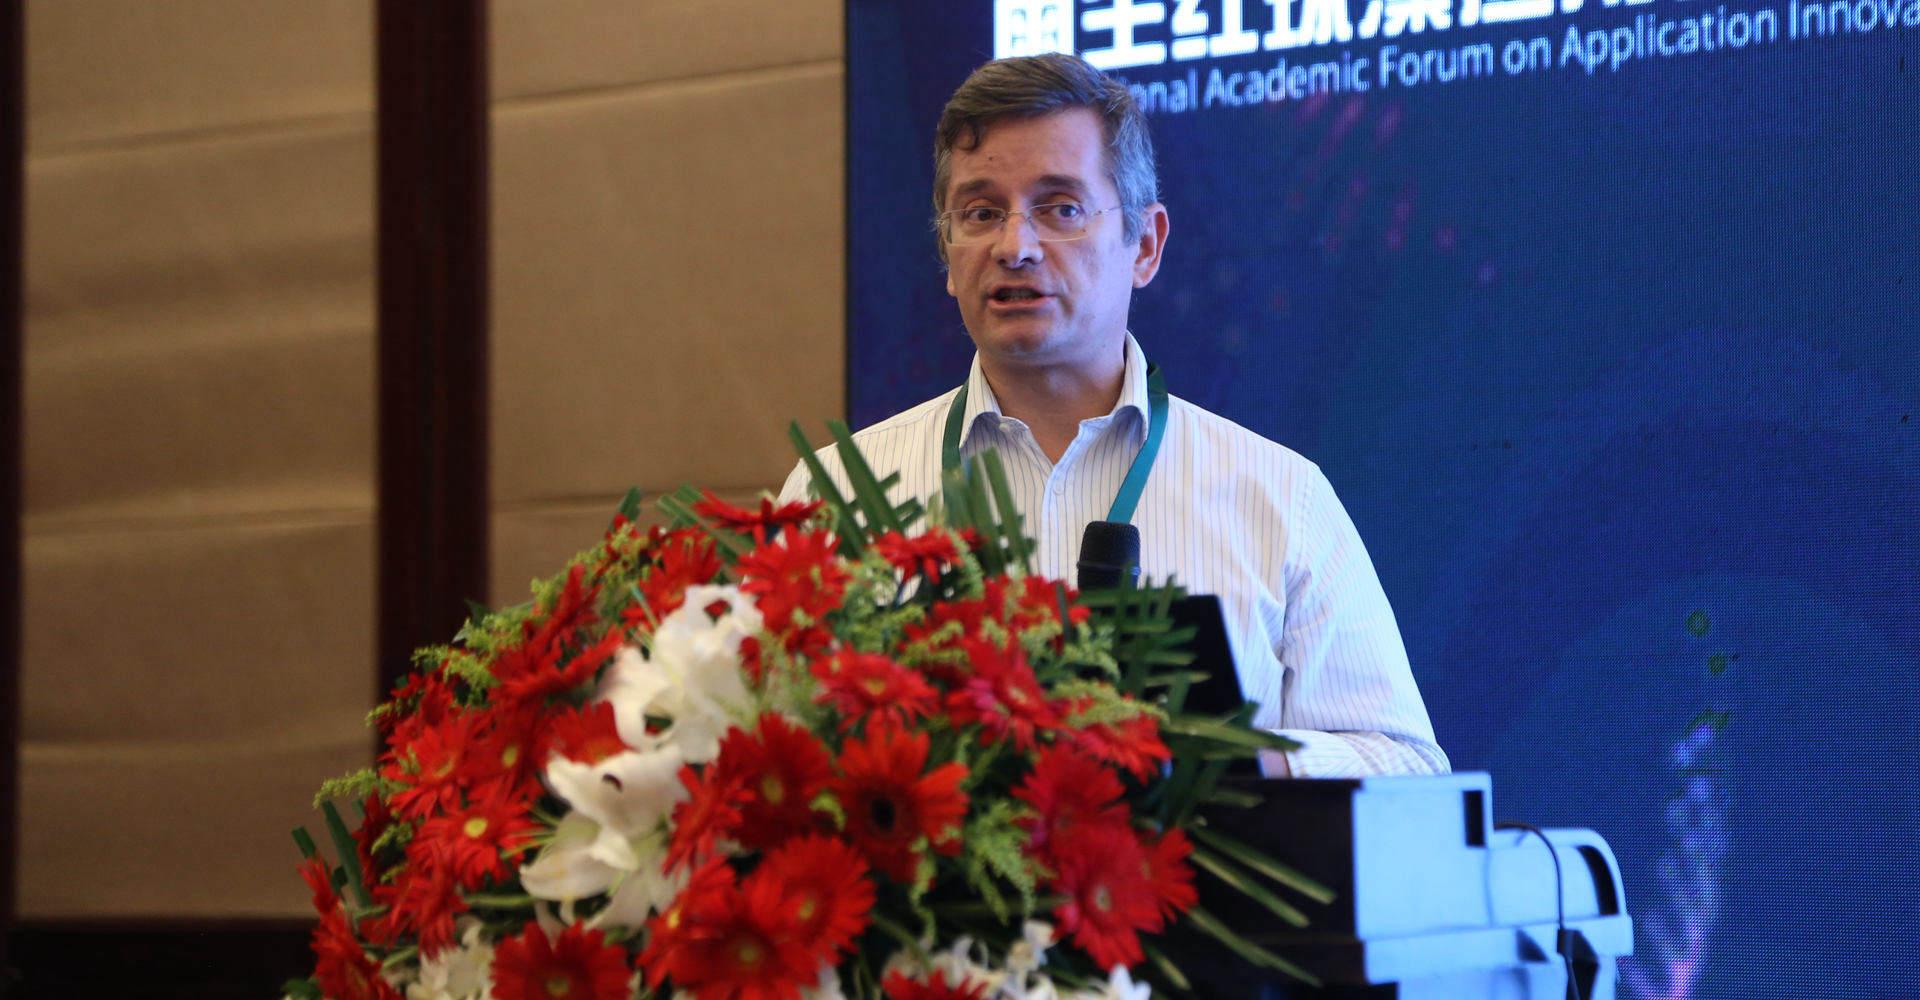 欧洲藻类生物量协会EABA负责人VitorVerdelho Vieira教授发表报告